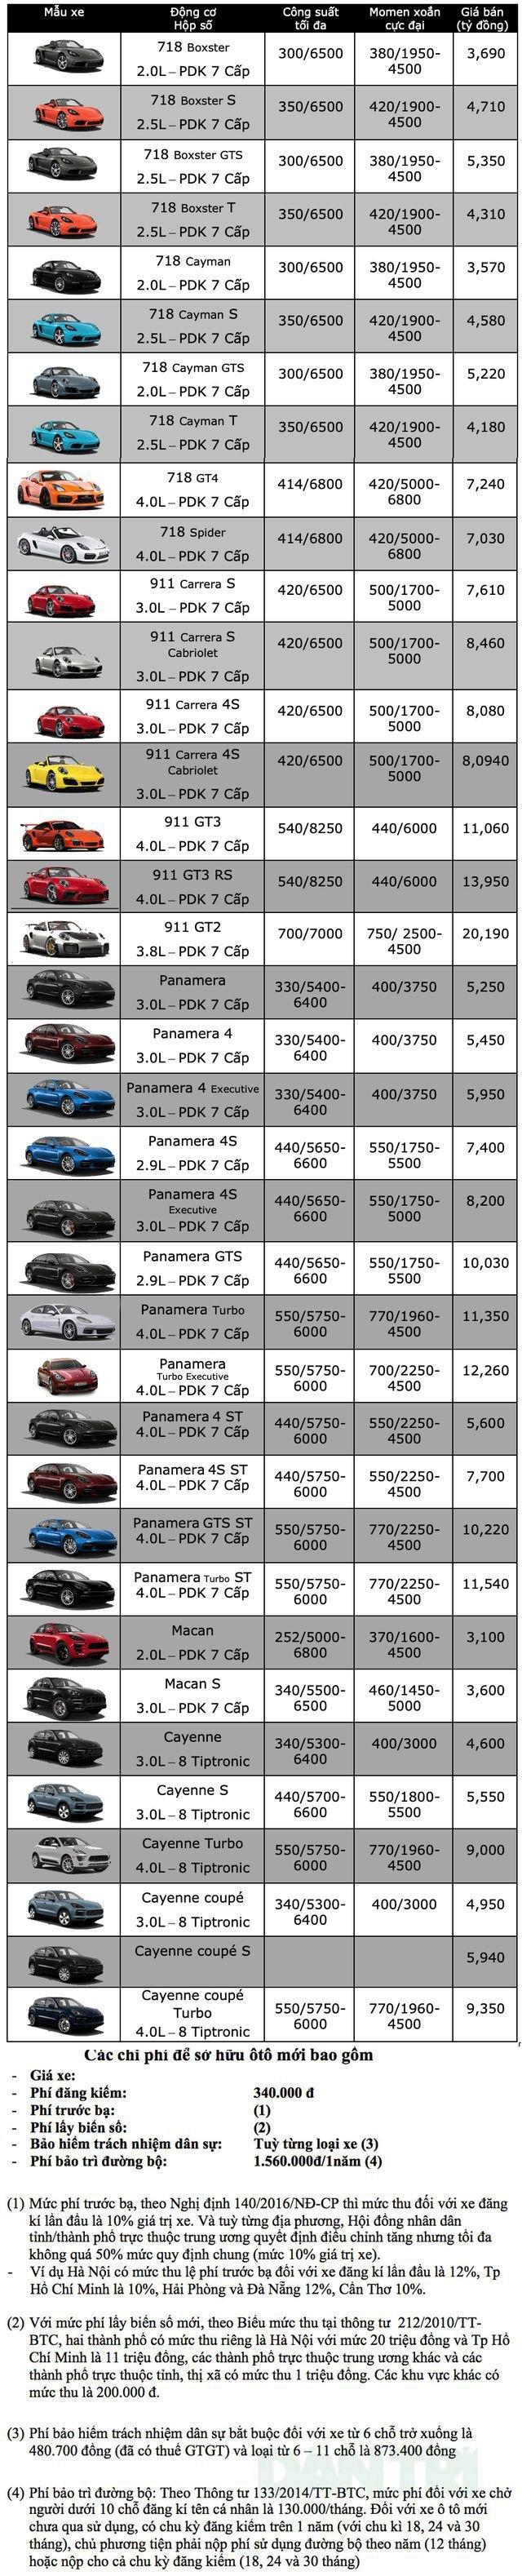 Bảng giá Porsche cập nhật tháng 10/2019 - 1